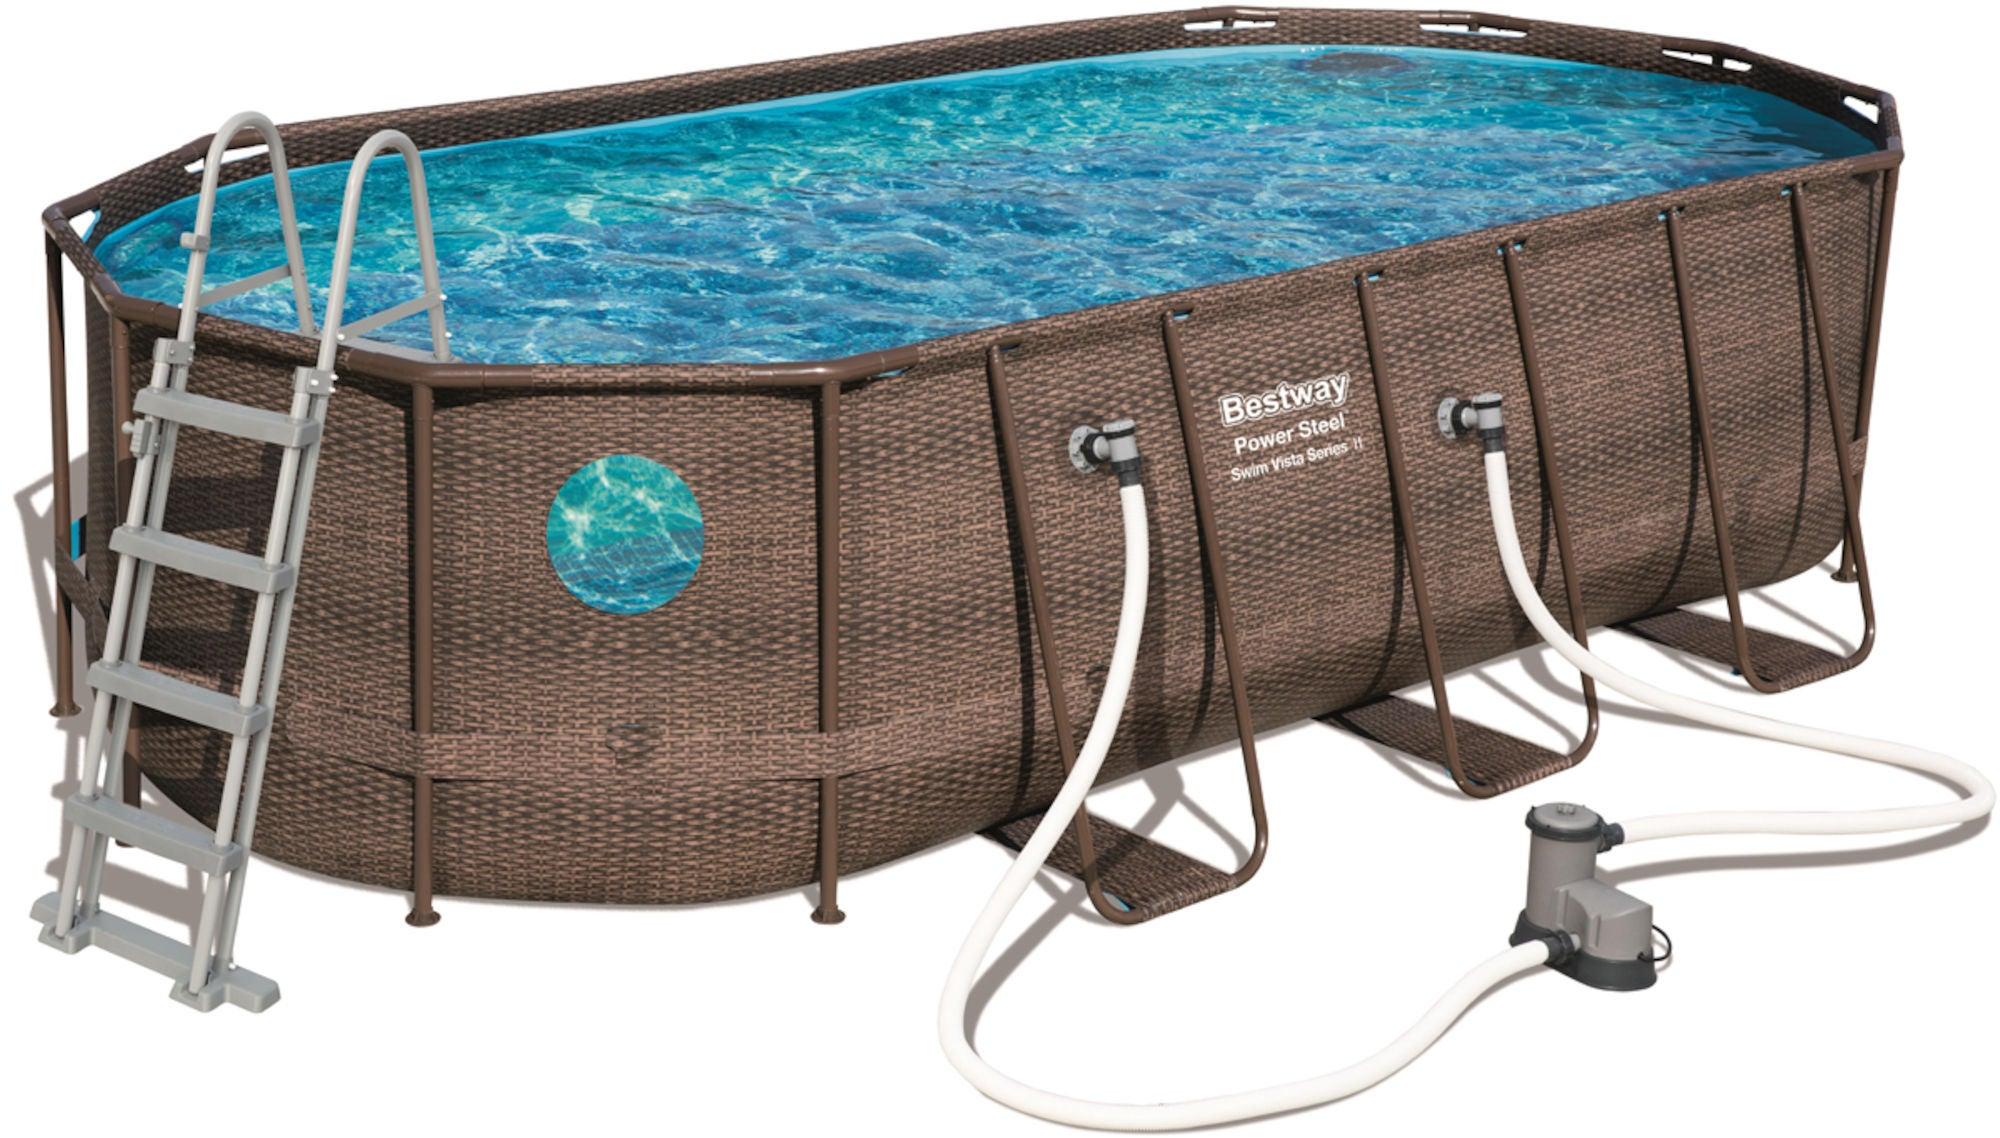 Bestway Power Steel Swim Vista Series Oval Pool m. Tillbehör 549 x 274